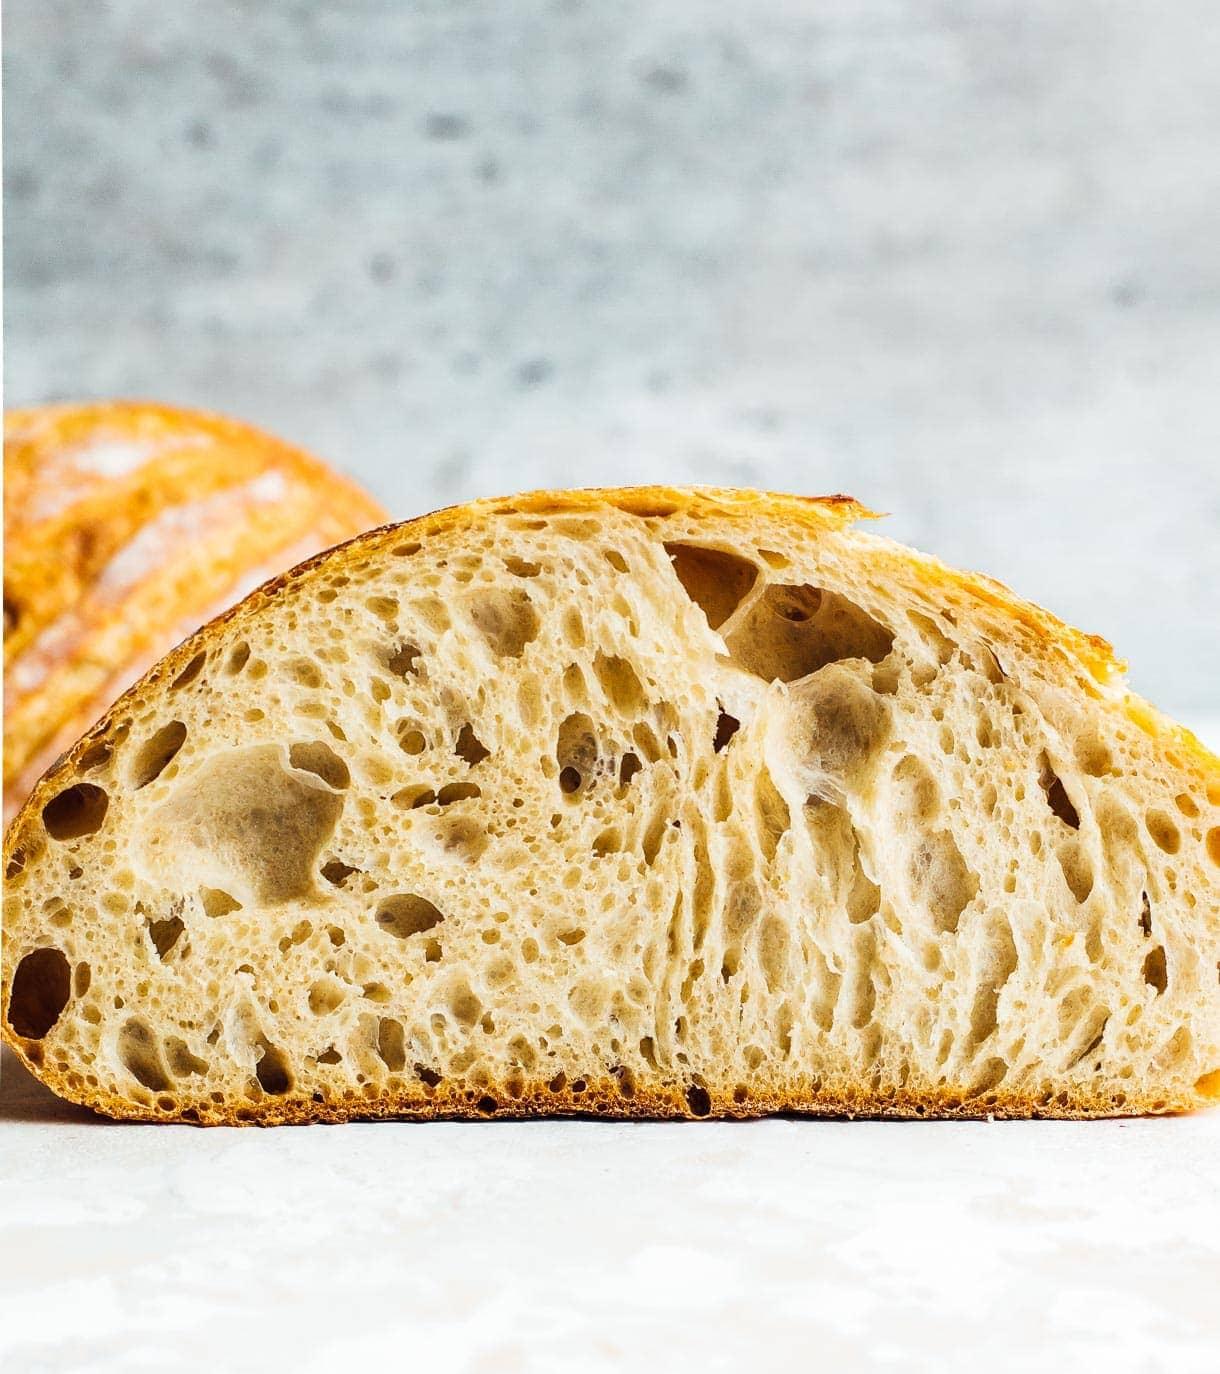 interior crumb of sourdough bread